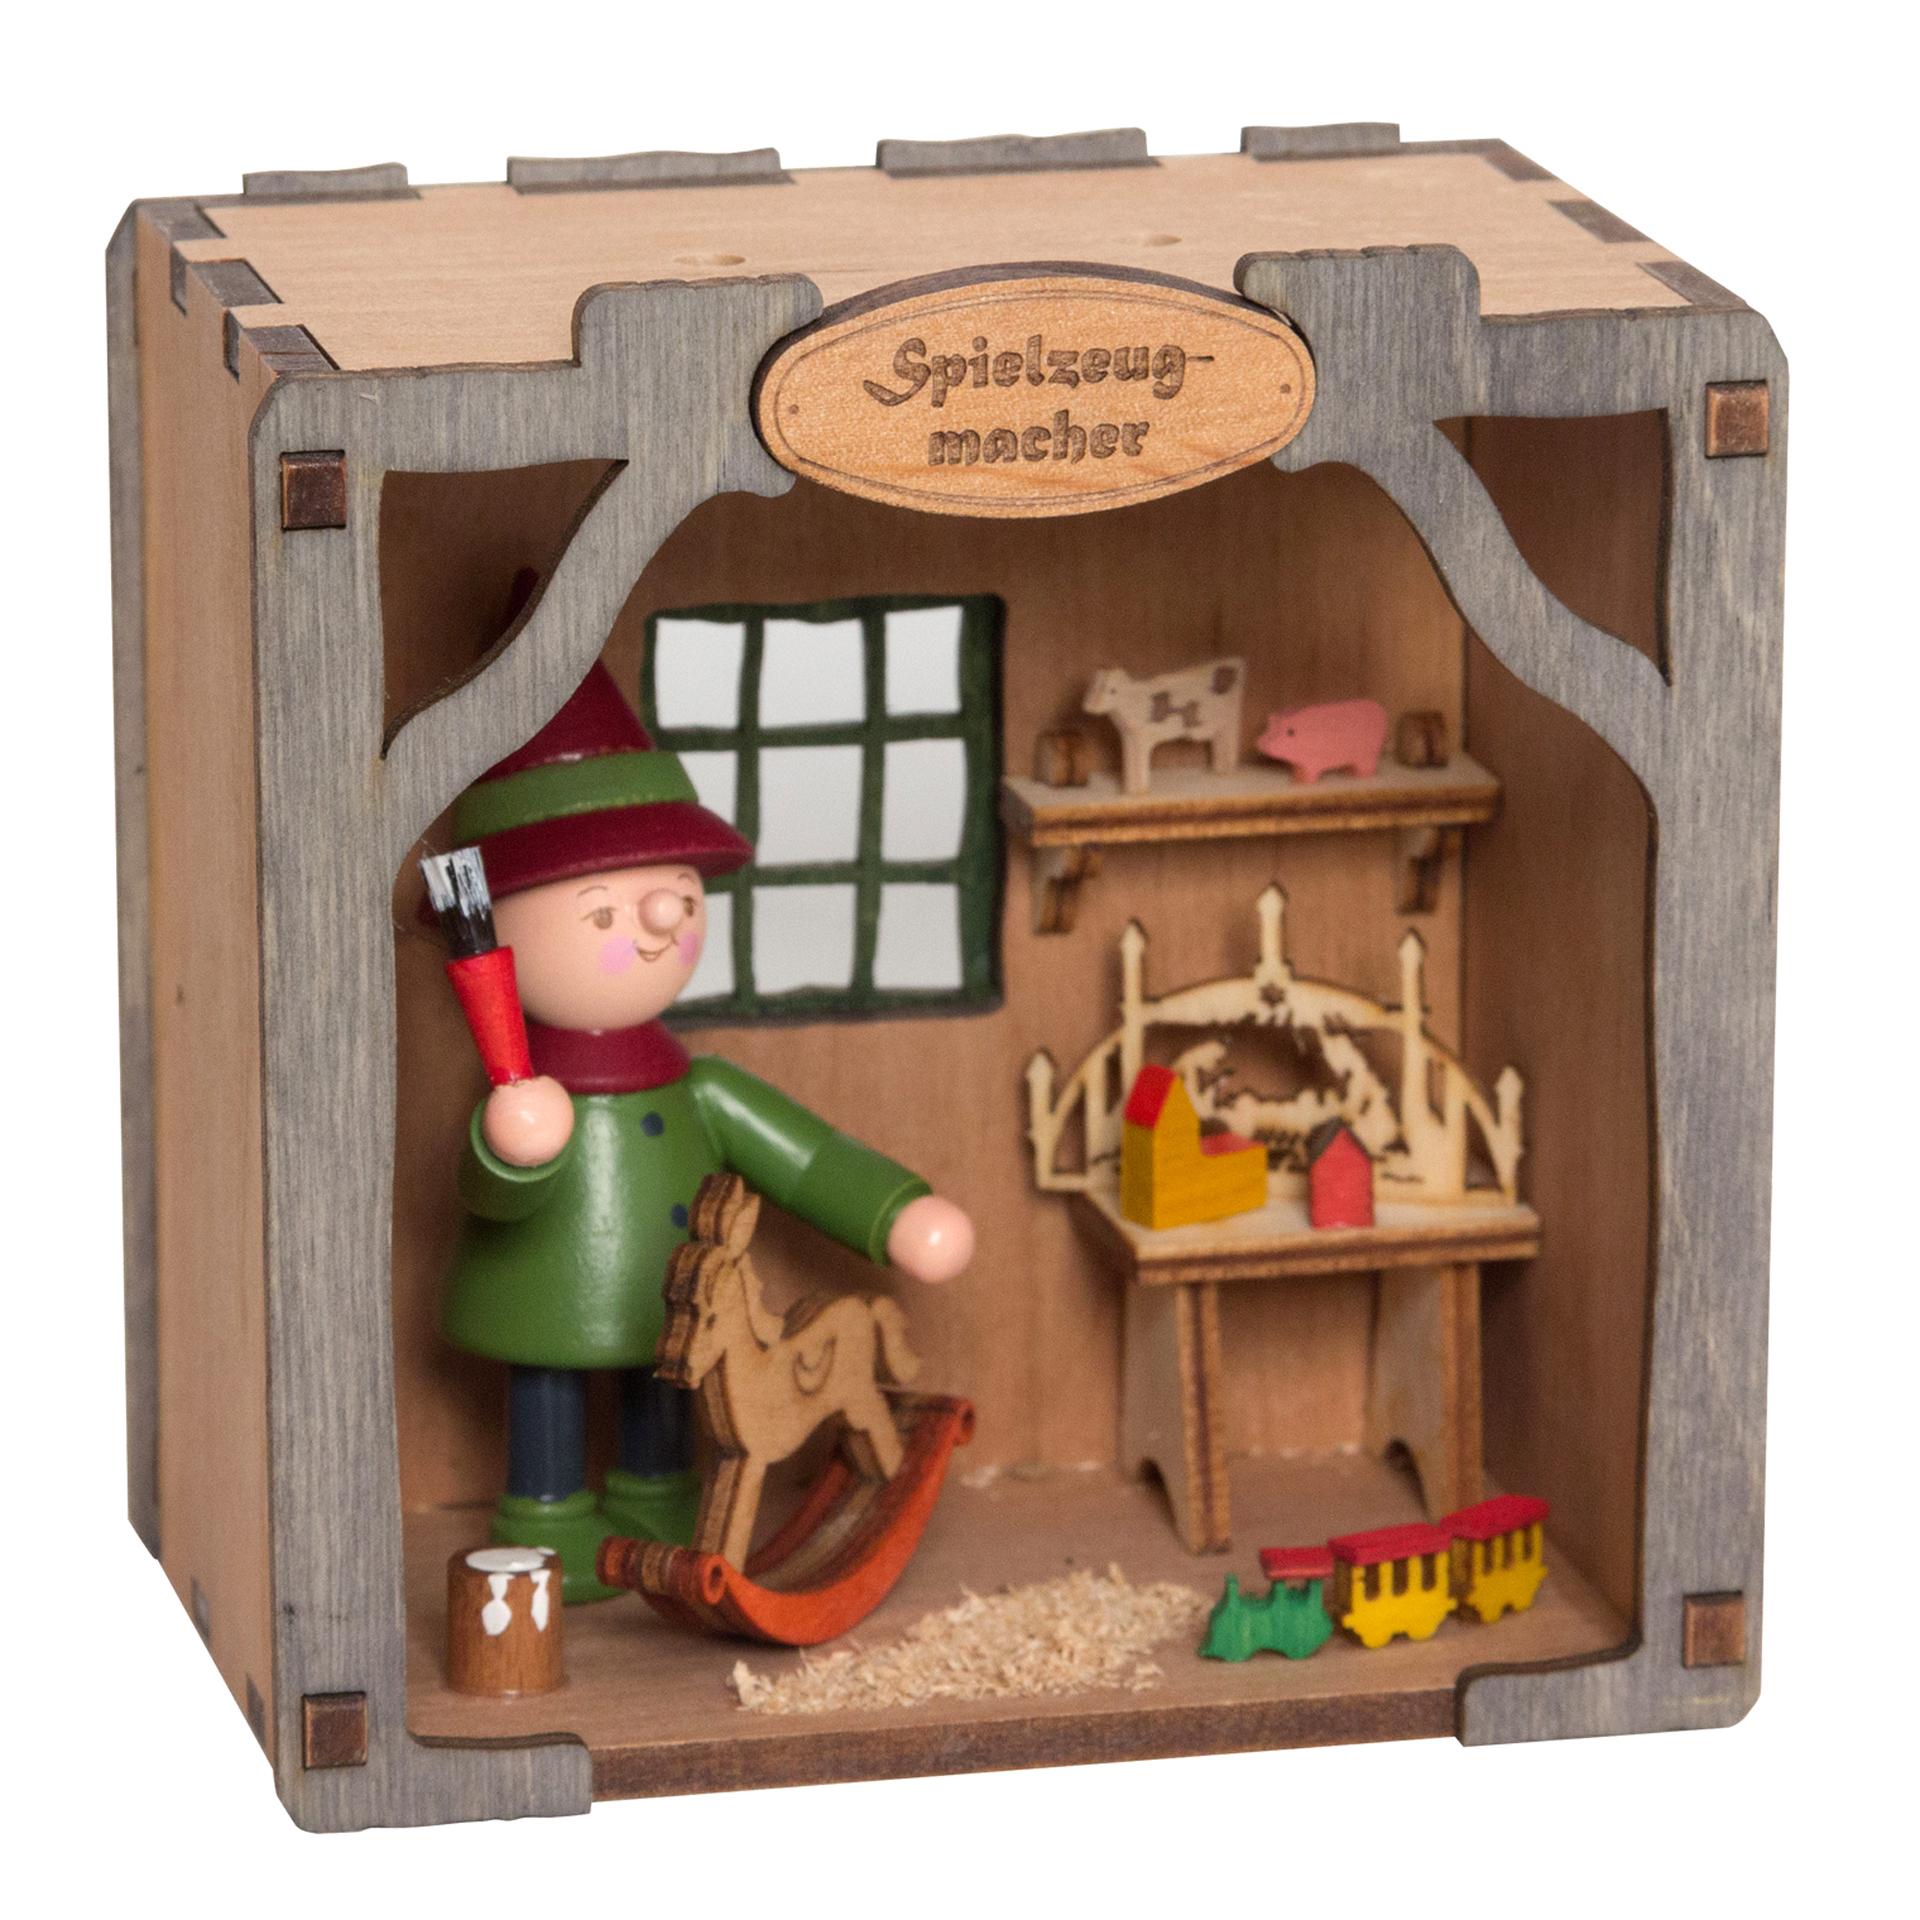 Wichtelhaus Spielzeugmacher - ohne Dach